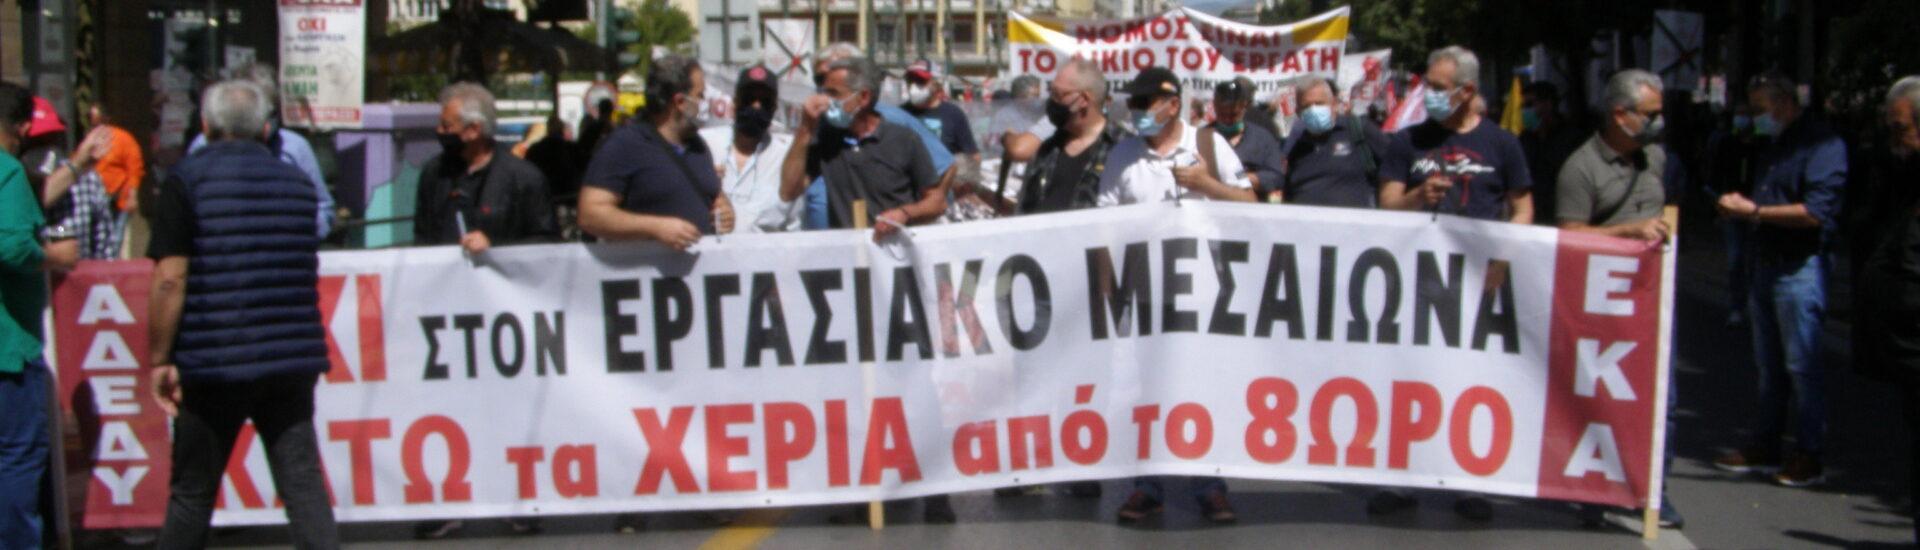 ΕΚΑ: Σύσκεψη σωματείων για κινητοποιήσεις ενάντια στο αντεργατικό νομοσχέδιο